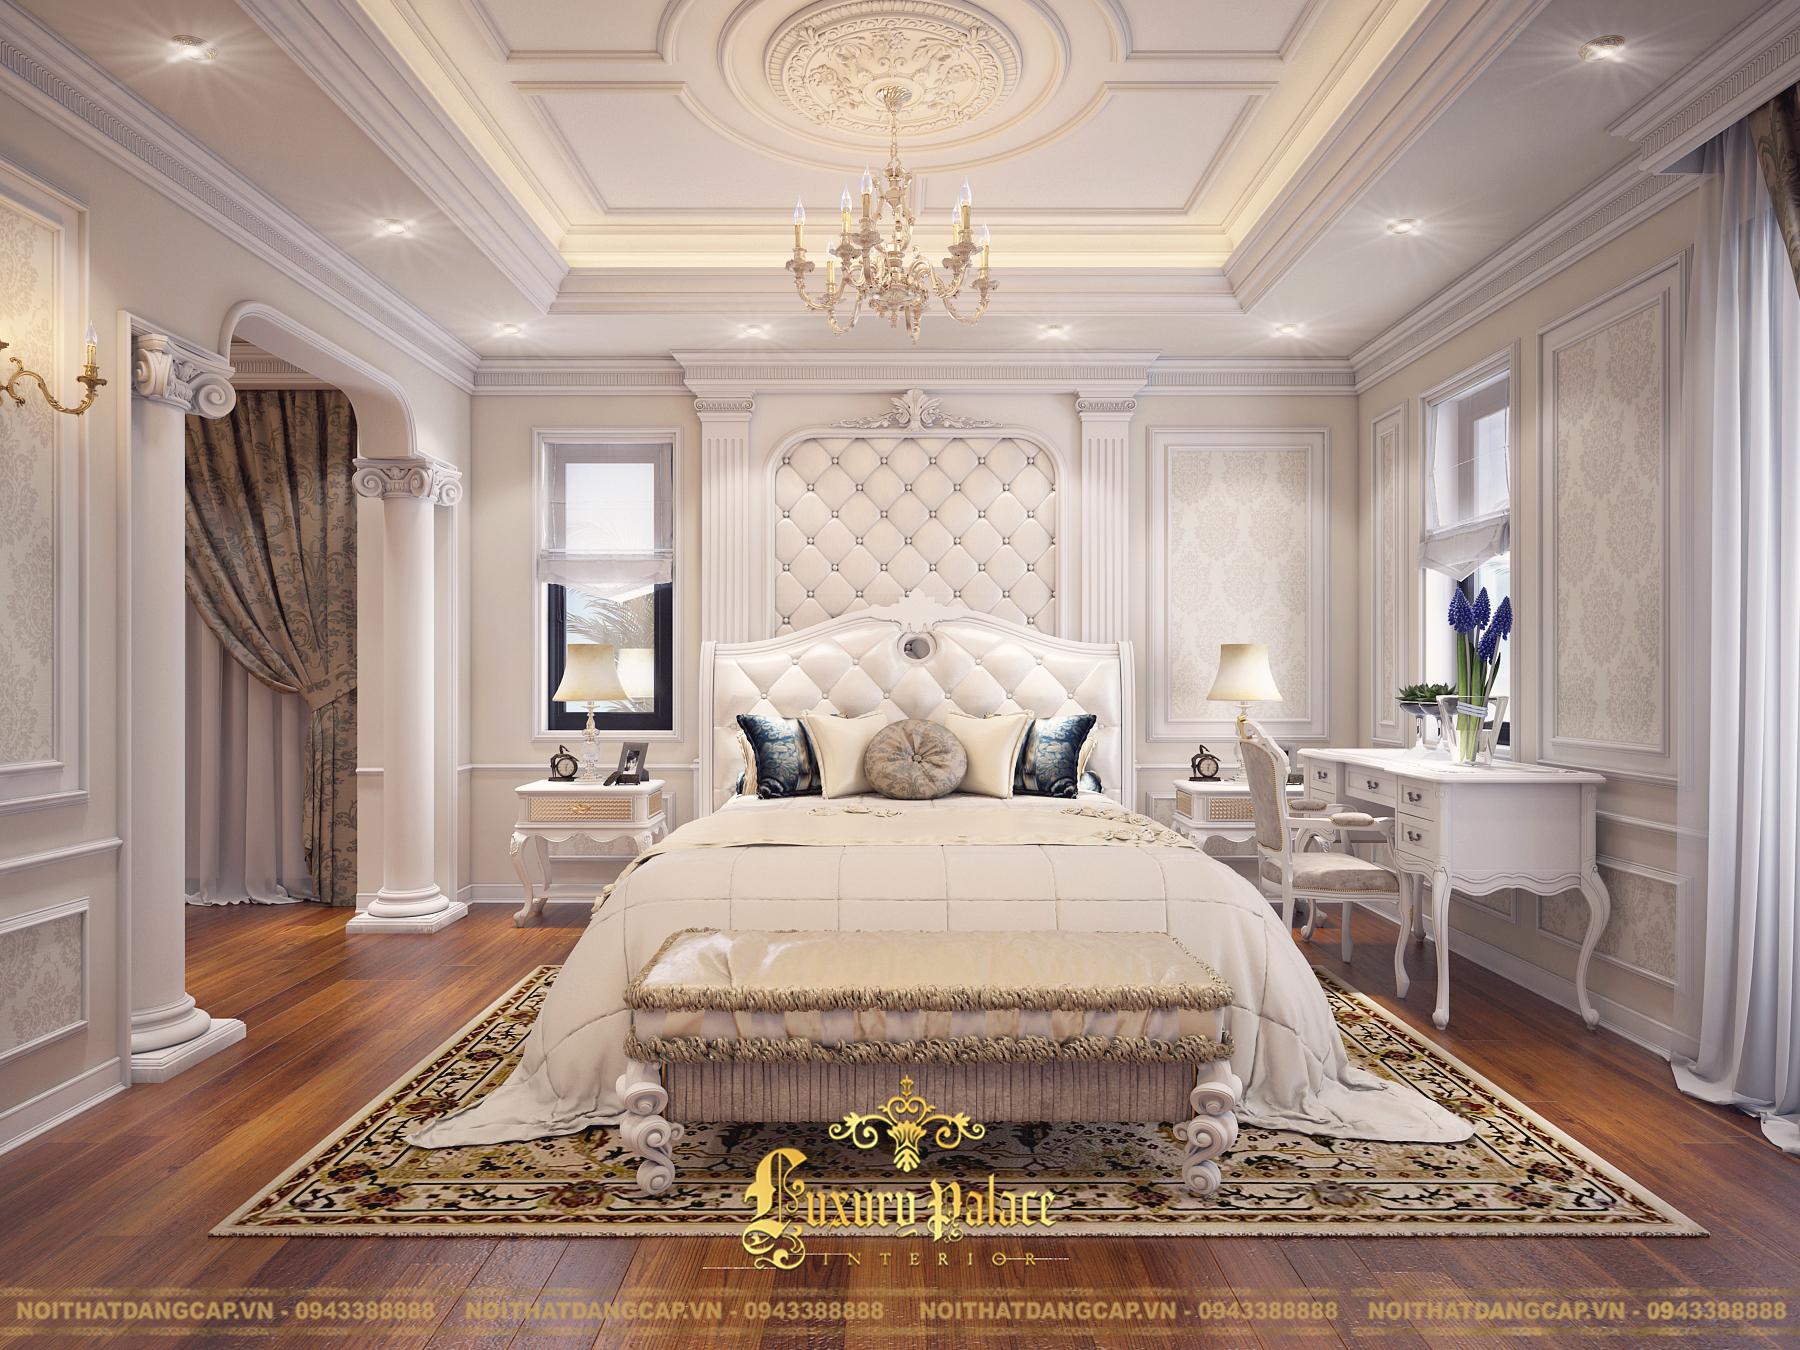 Mẫu thiết kế phòng ngủ phong cách tân cổ điển châu Âu 8